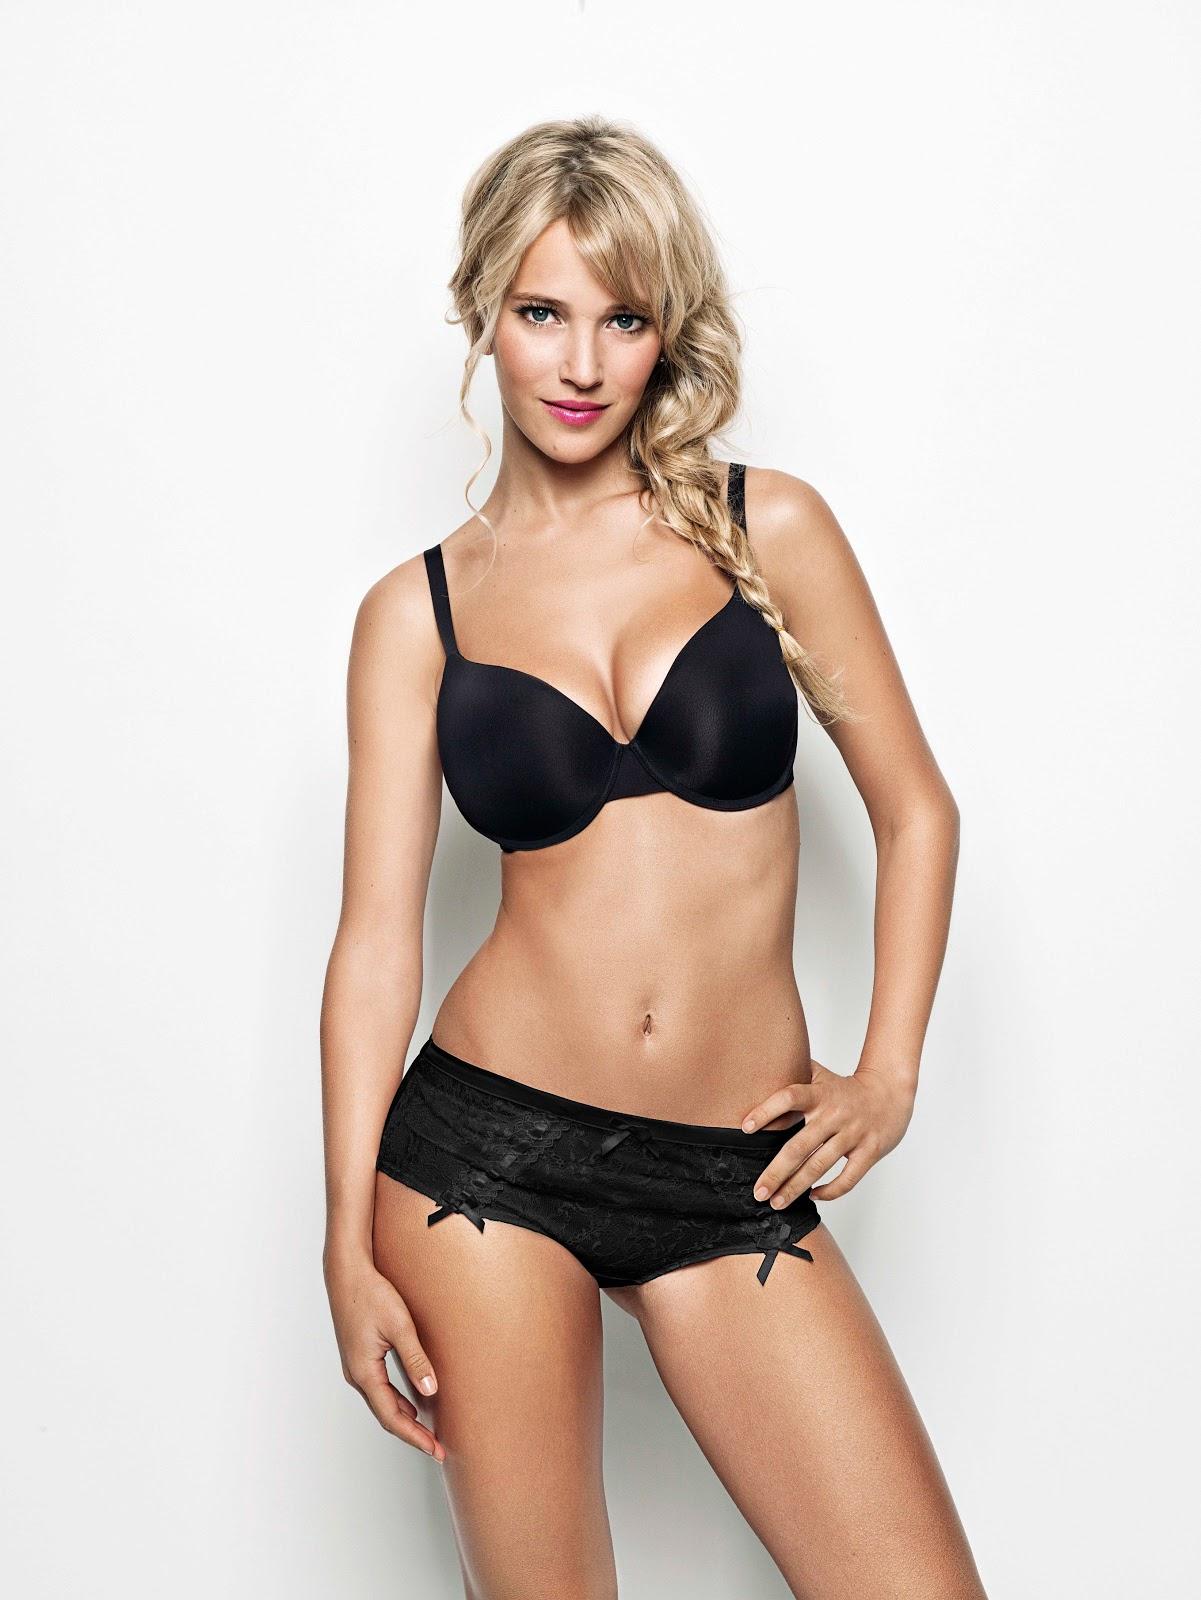 http://3.bp.blogspot.com/-cqnOLmeXhqg/TwFKdwkcneI/AAAAAAAAI2g/BxSOqaNHe2o/s1600/bikini+trend_16.jpg